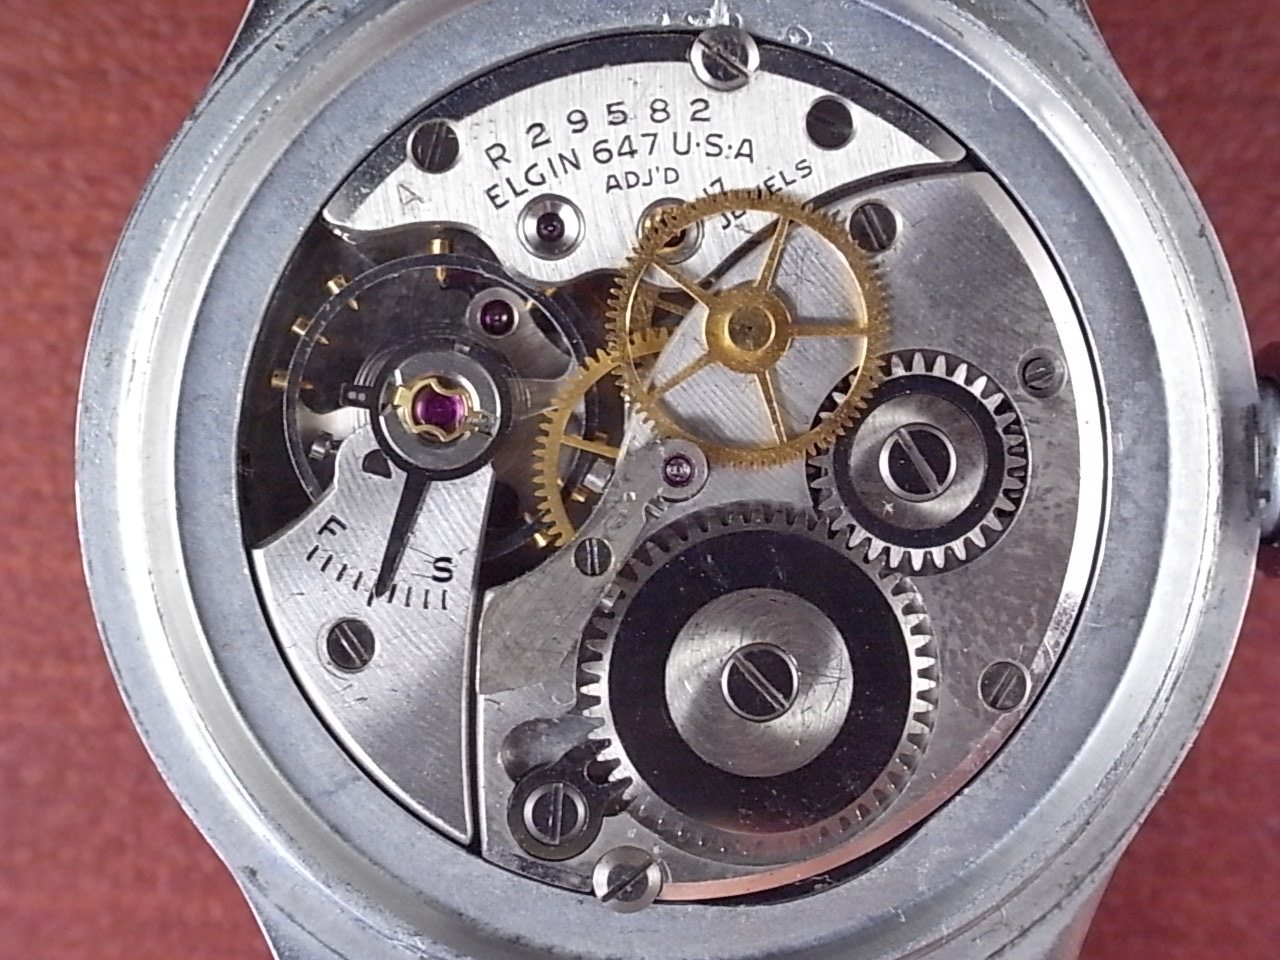 エルジン ミリタリー タイプA-11 アメリカ陸軍航空隊 24H時計 1940年代の写真5枚目